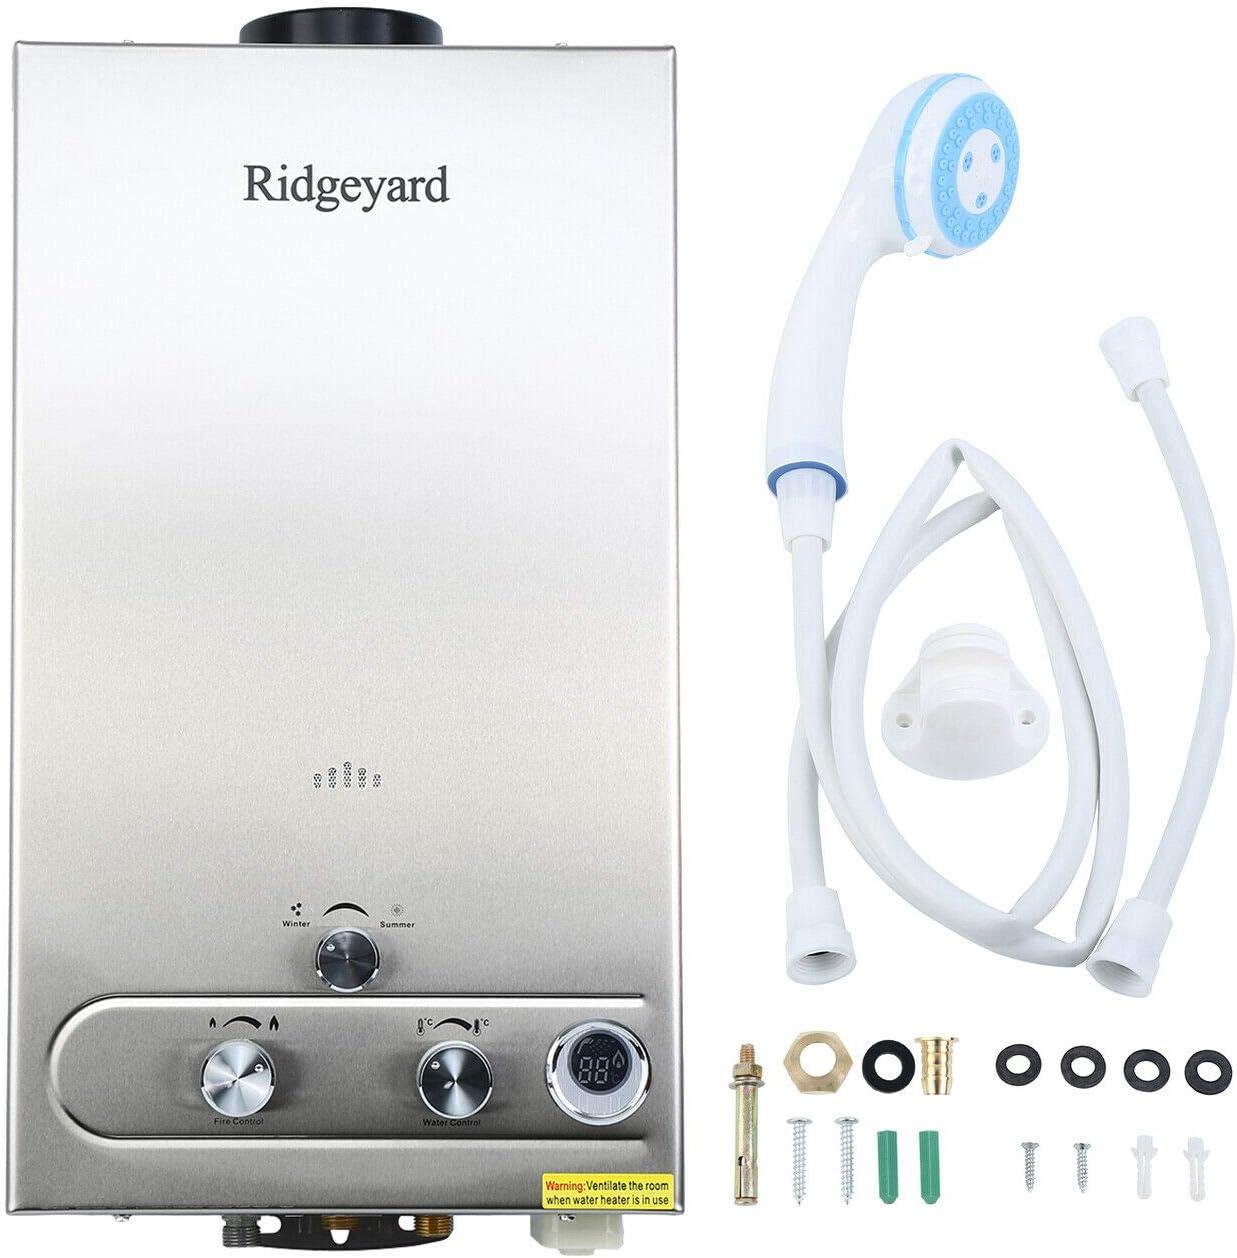 Ridgeyard 3.2GPM LPG Propane Gas Water Heater 12L Digital Display Tankless Stainless Instant Boiler Hot Water Heater Boiler Burner Indoor Home Bathroom Supplies